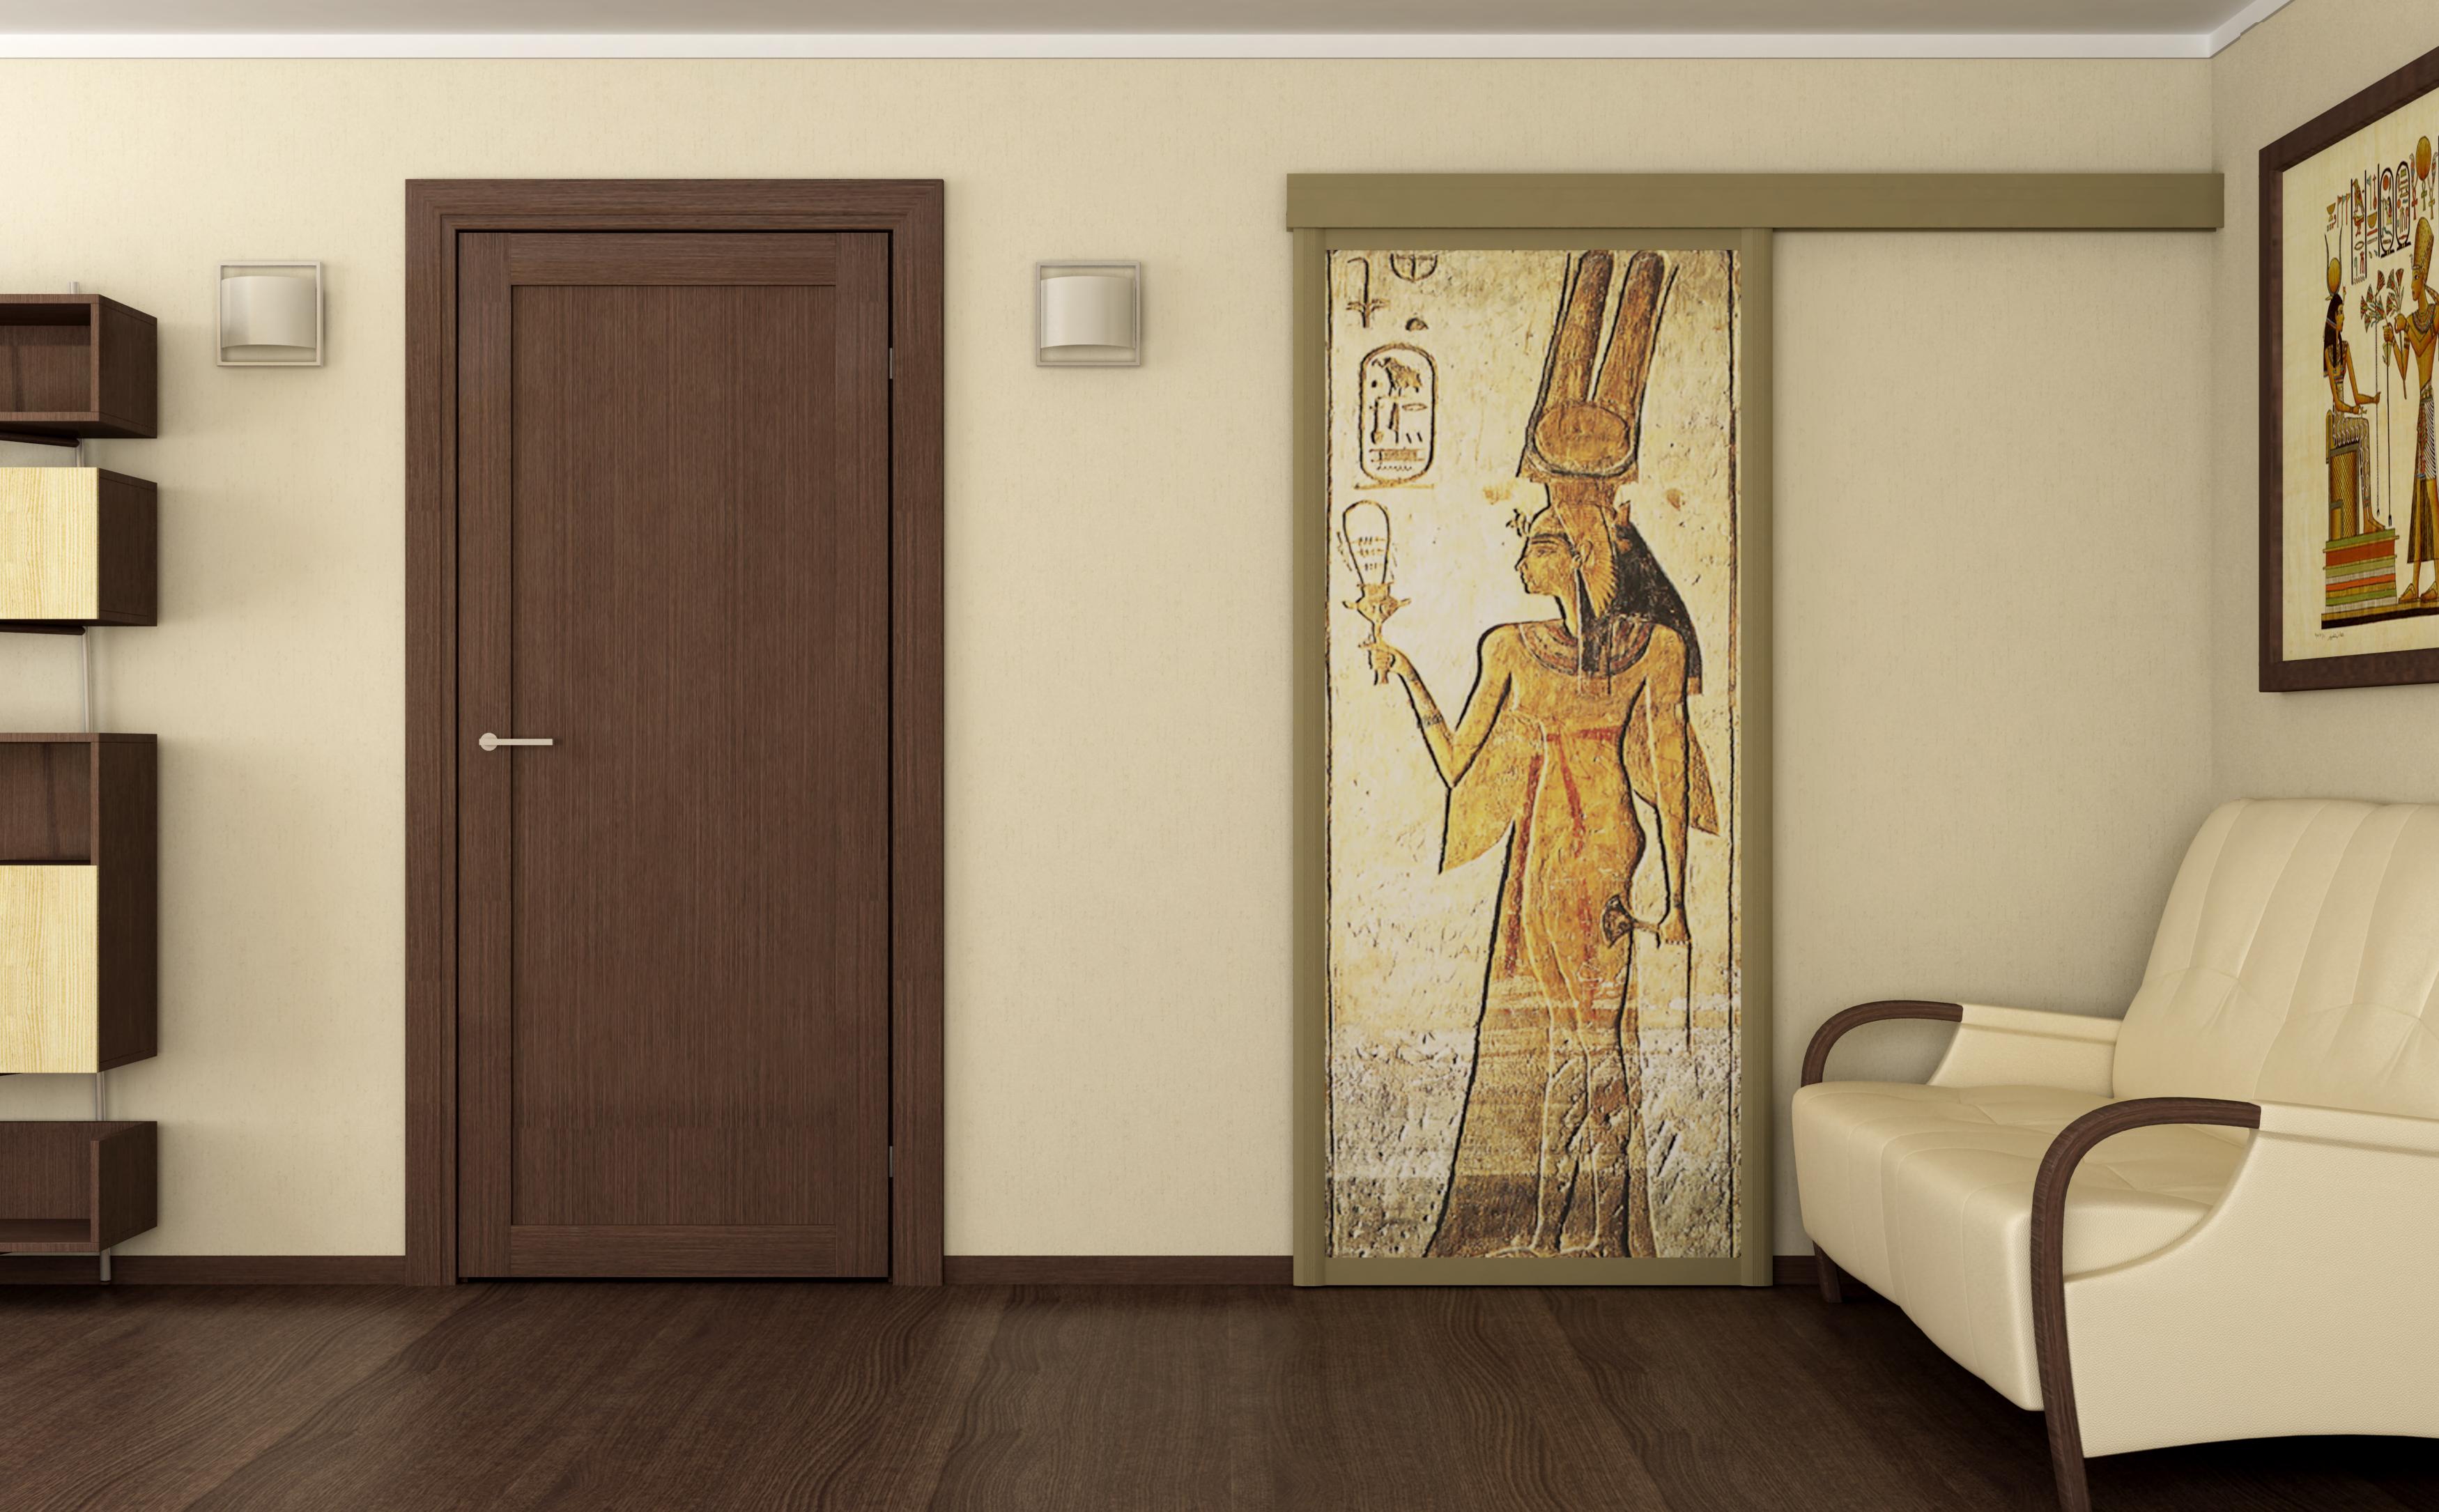 suspended-doors-image-1.jpg